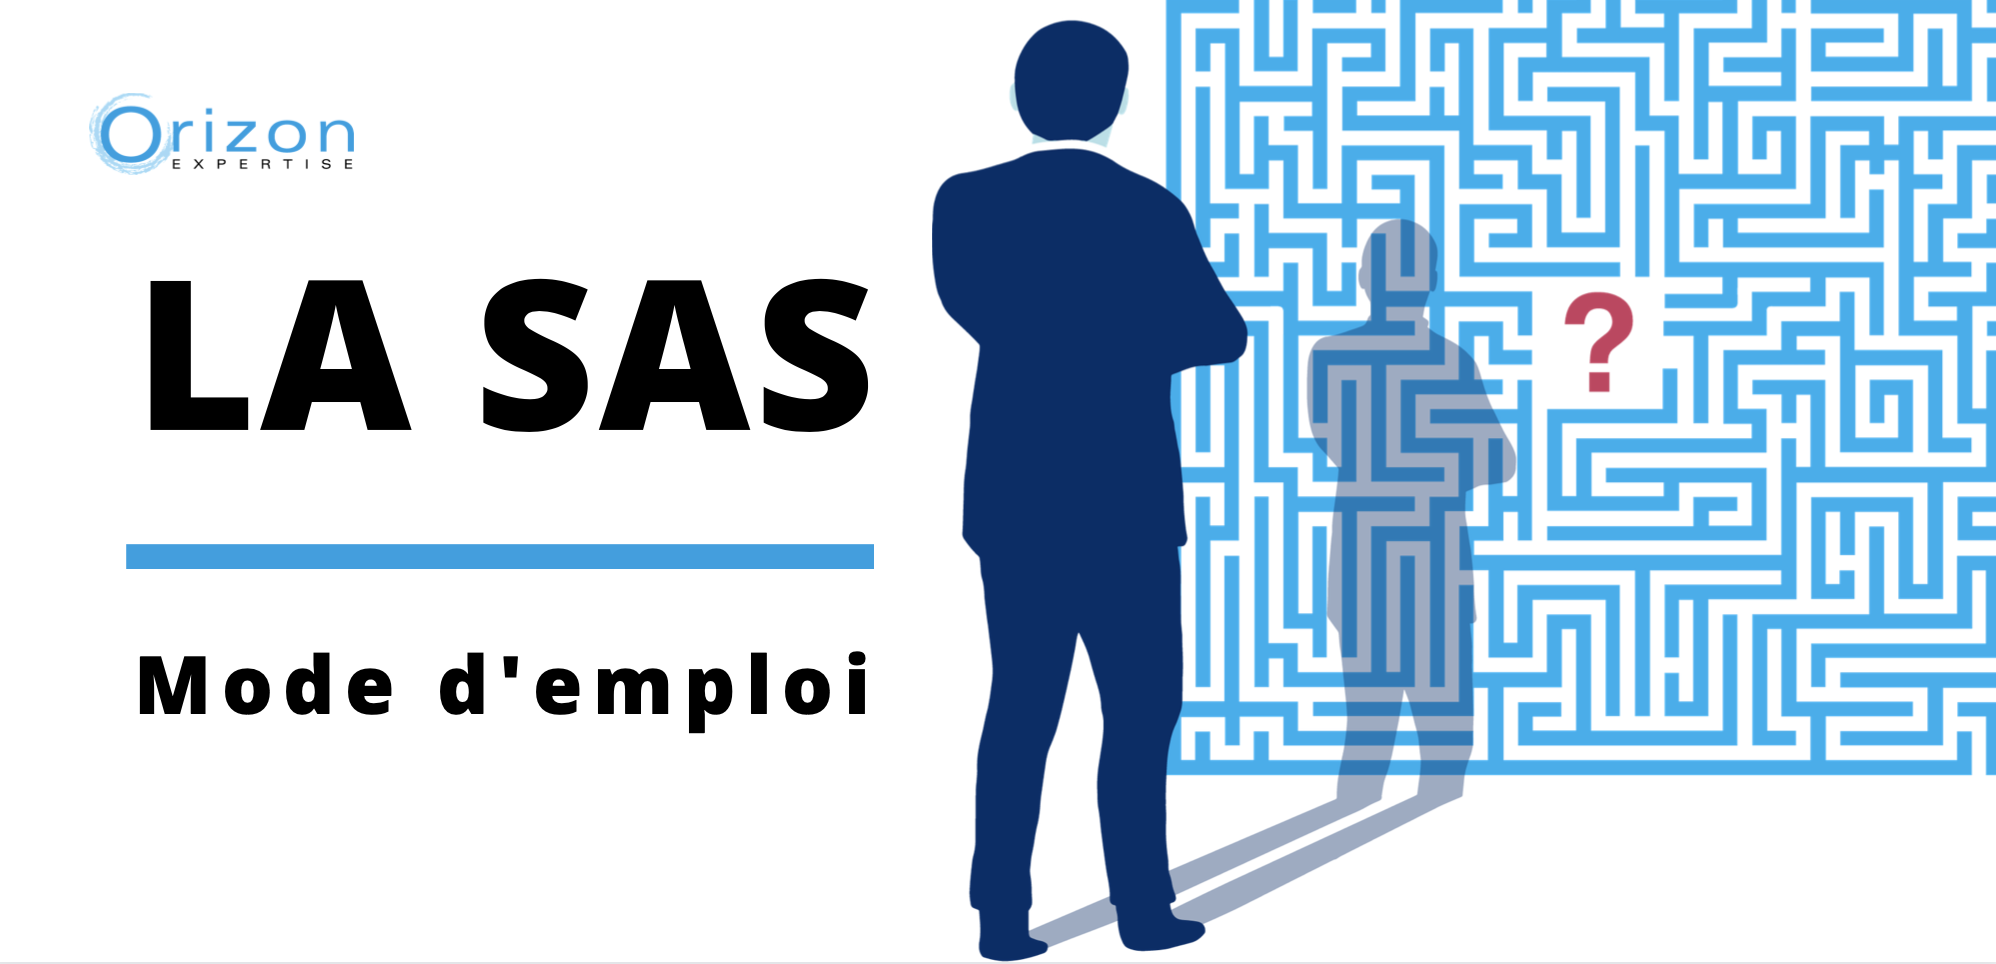 SAS mode d'emploi - Orizon Expertise